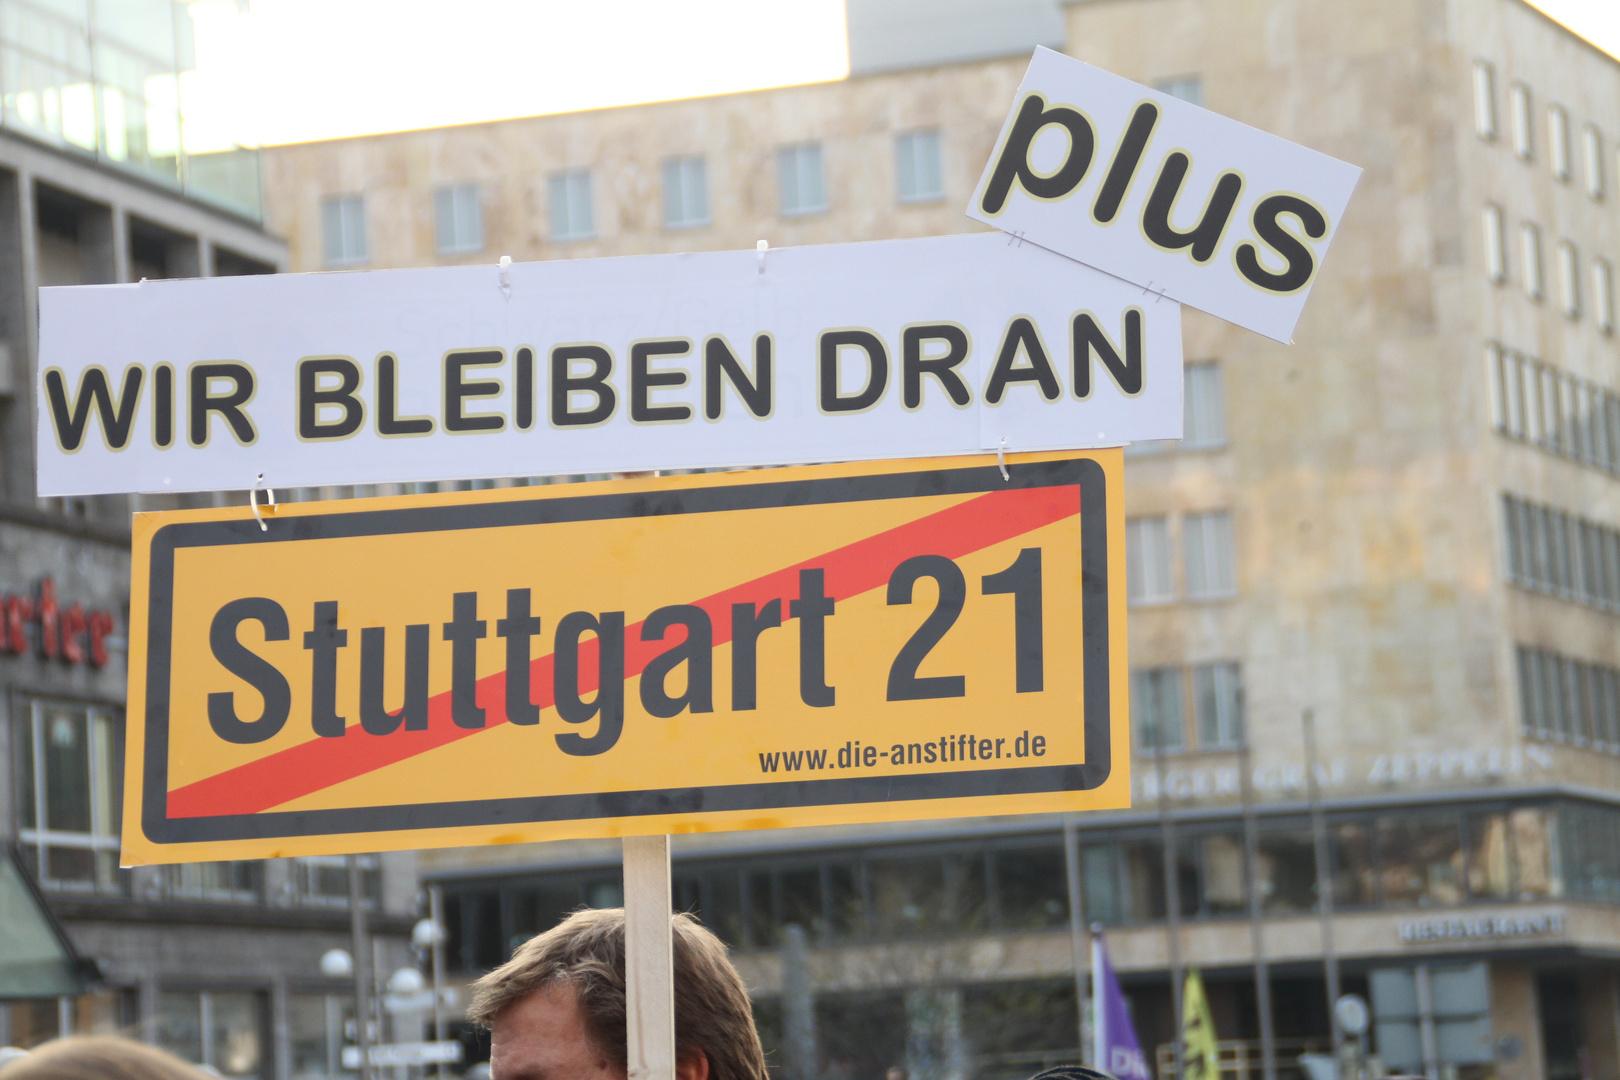 Plakat: Wir bleiben dran - K21 Stuttgart 28.3.11